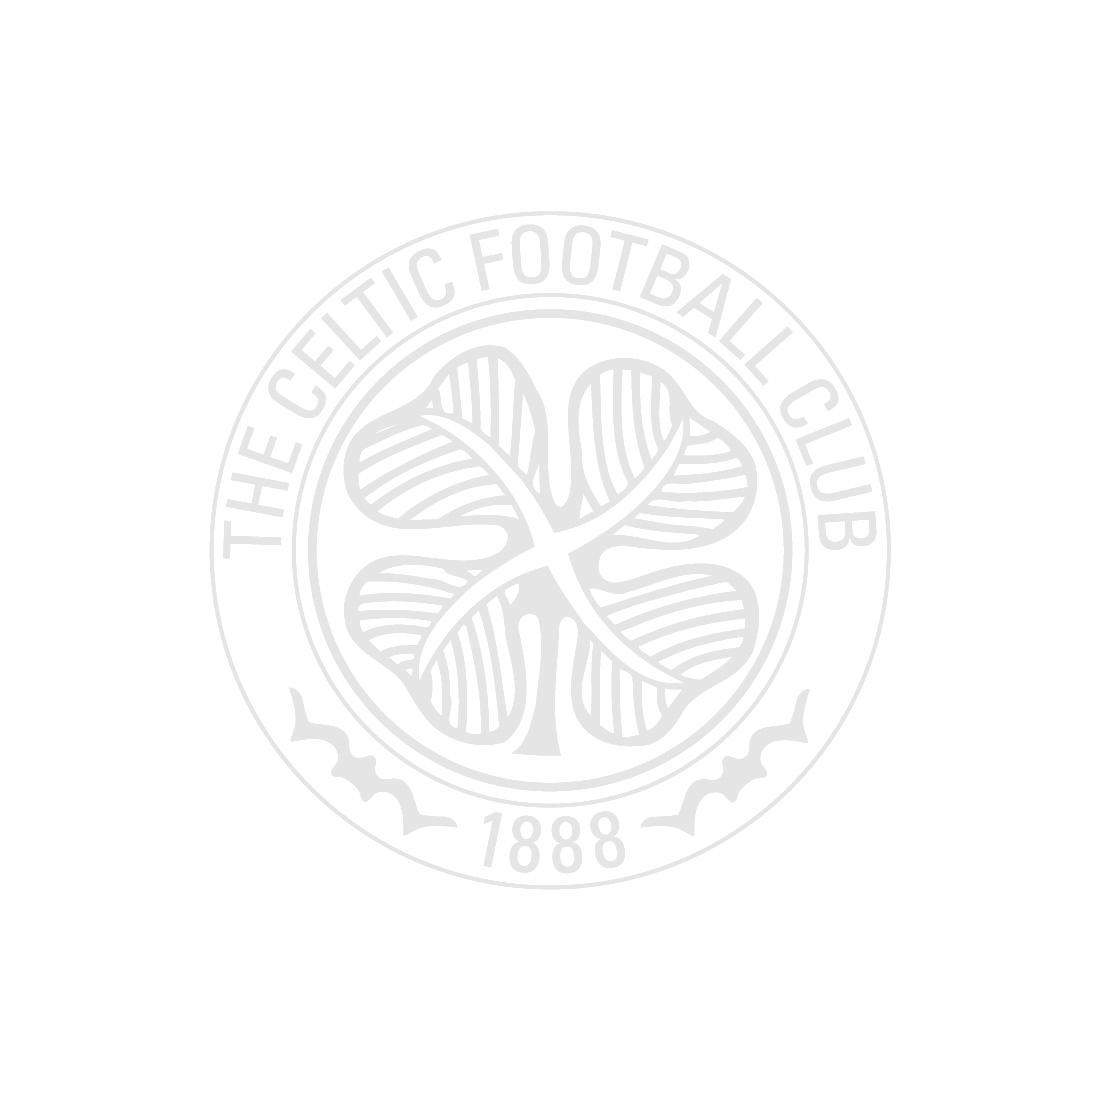 Celtic YNWA Sign